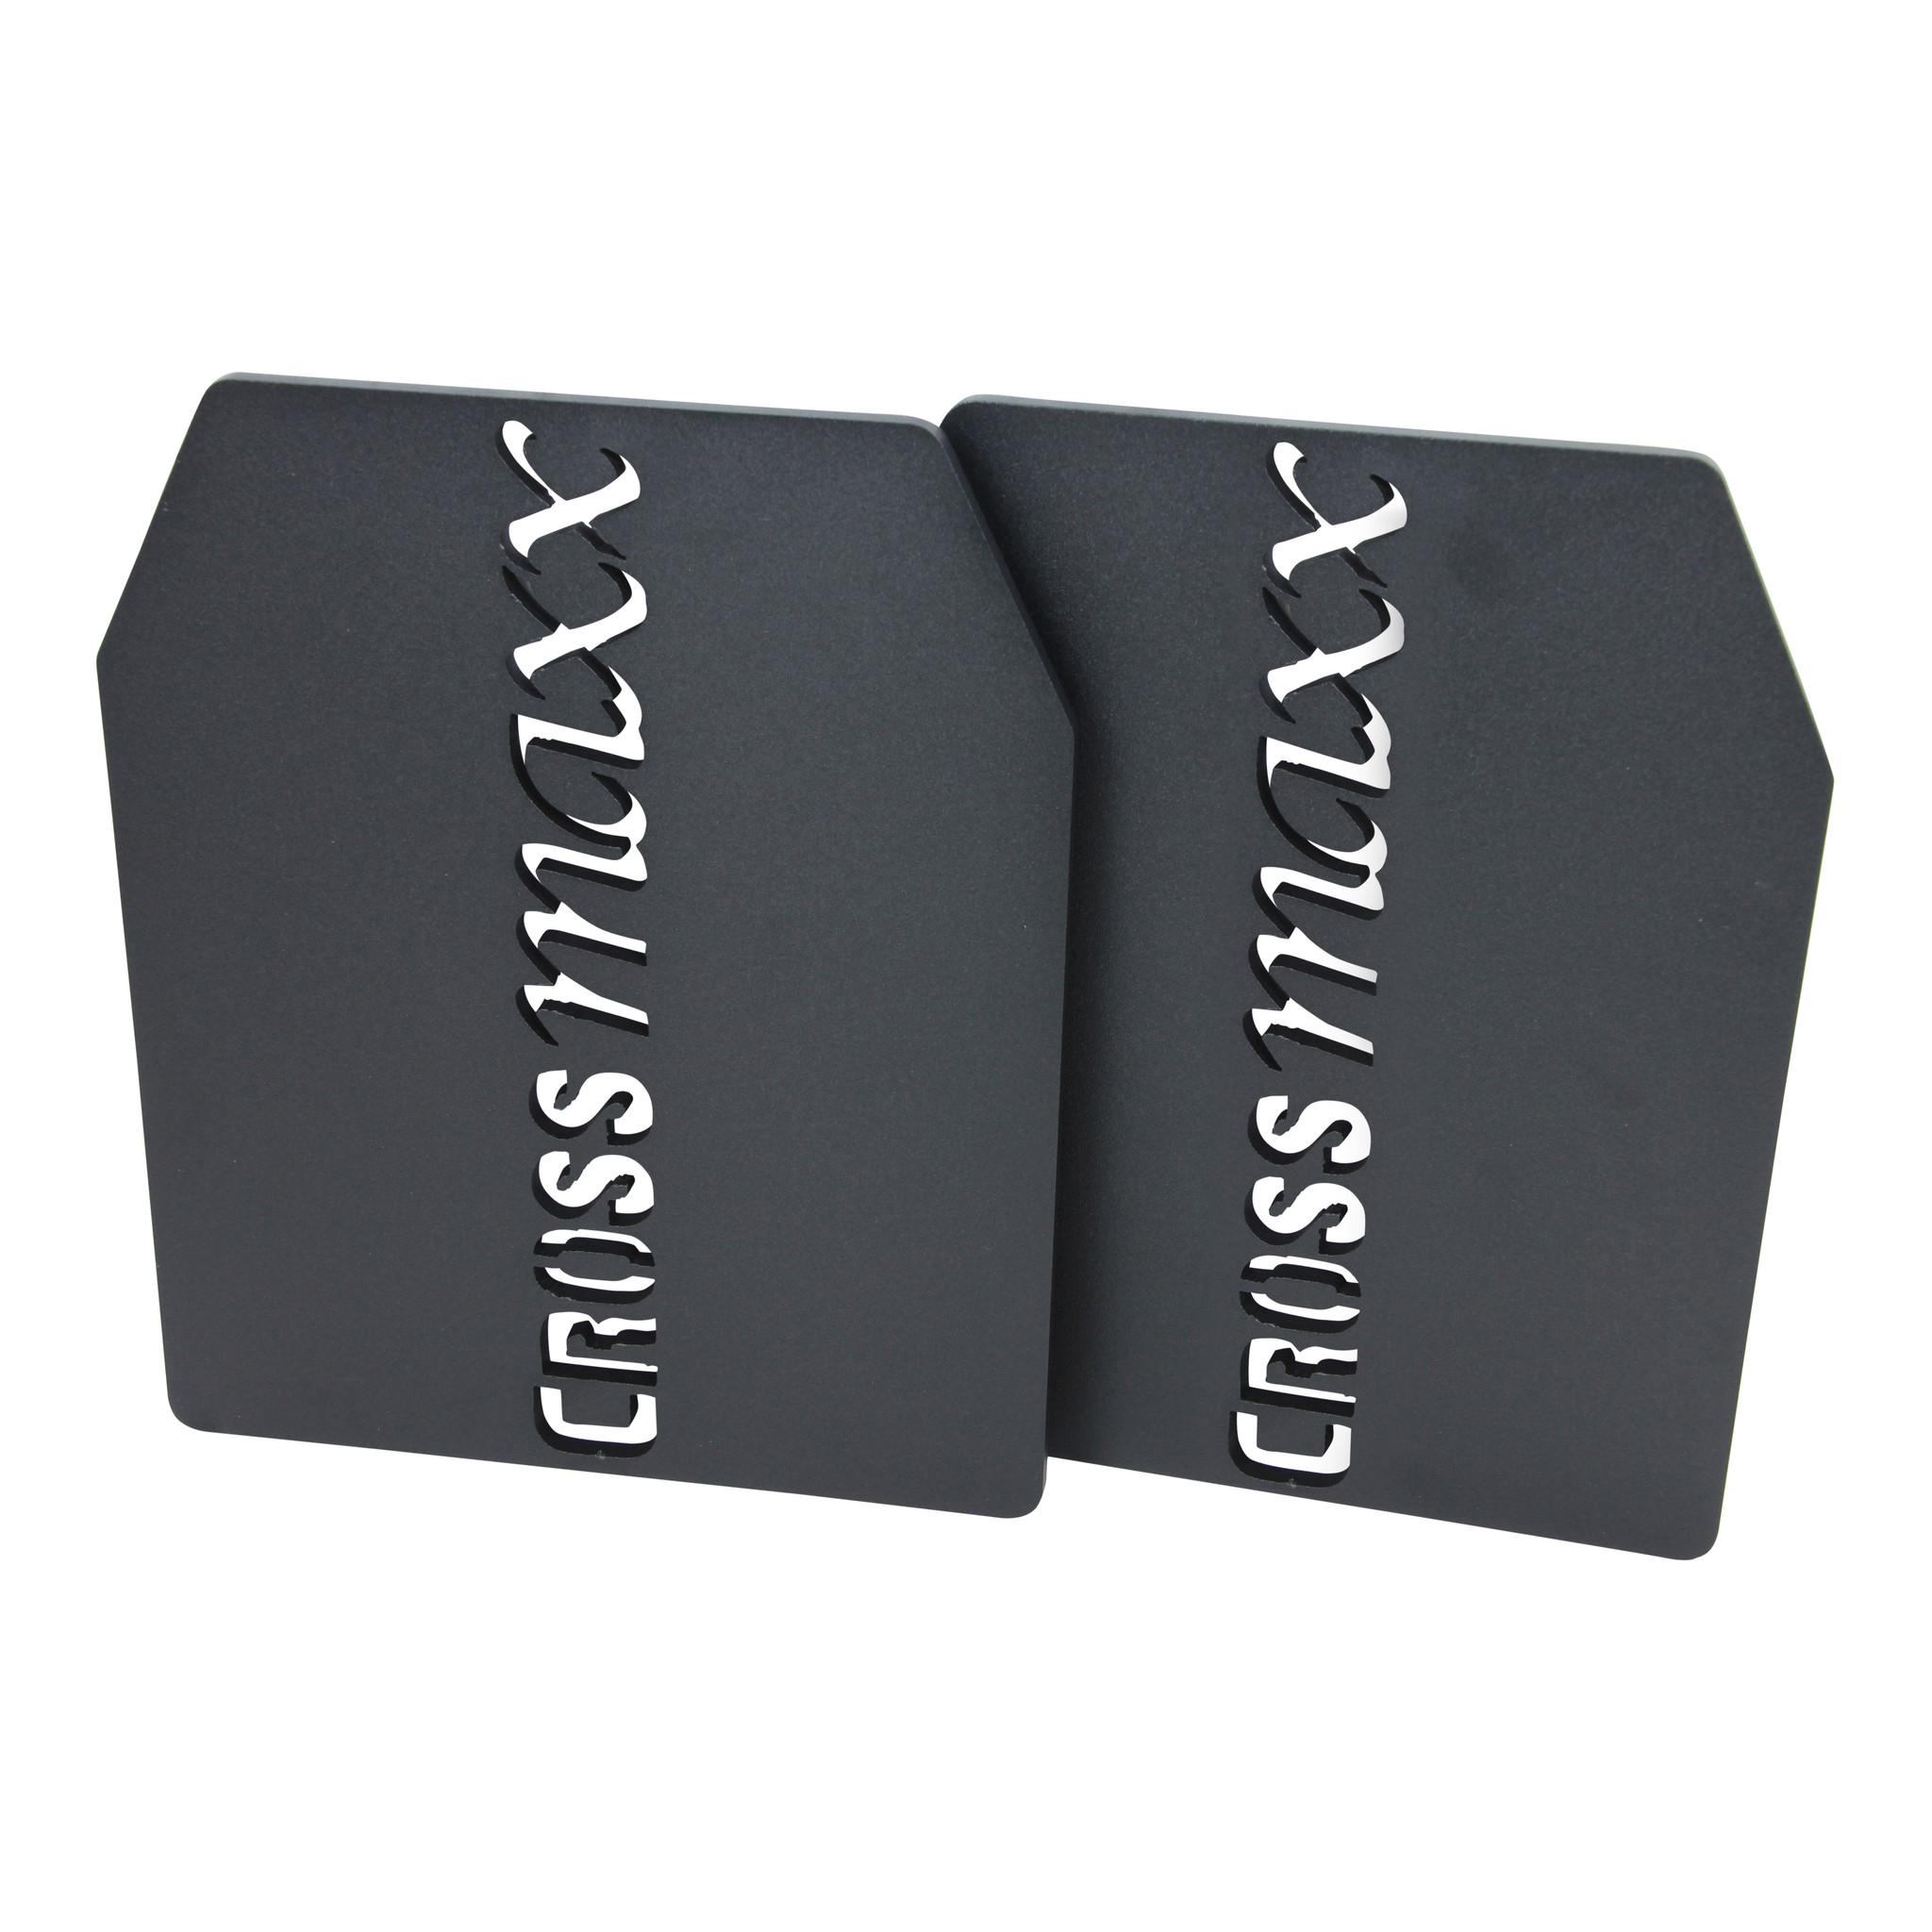 Crossmaxx Tactical Vægtplader til Vægtvest 1,7 kg (Sæt)